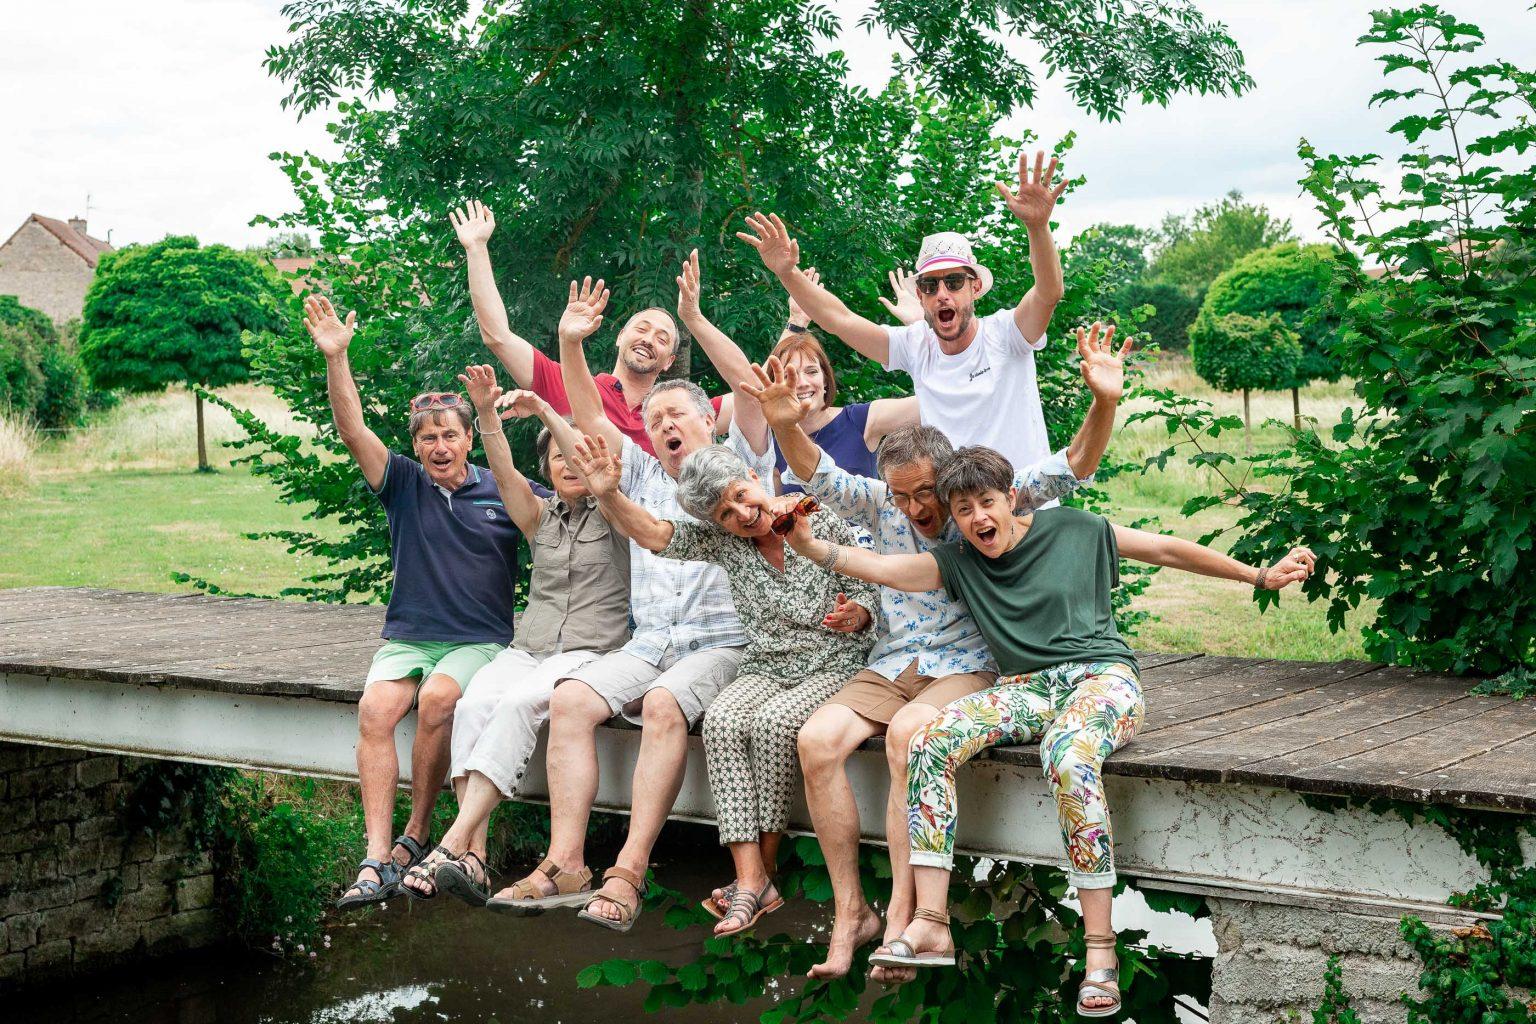 photographe mariage paris bourgogne photo de groupe